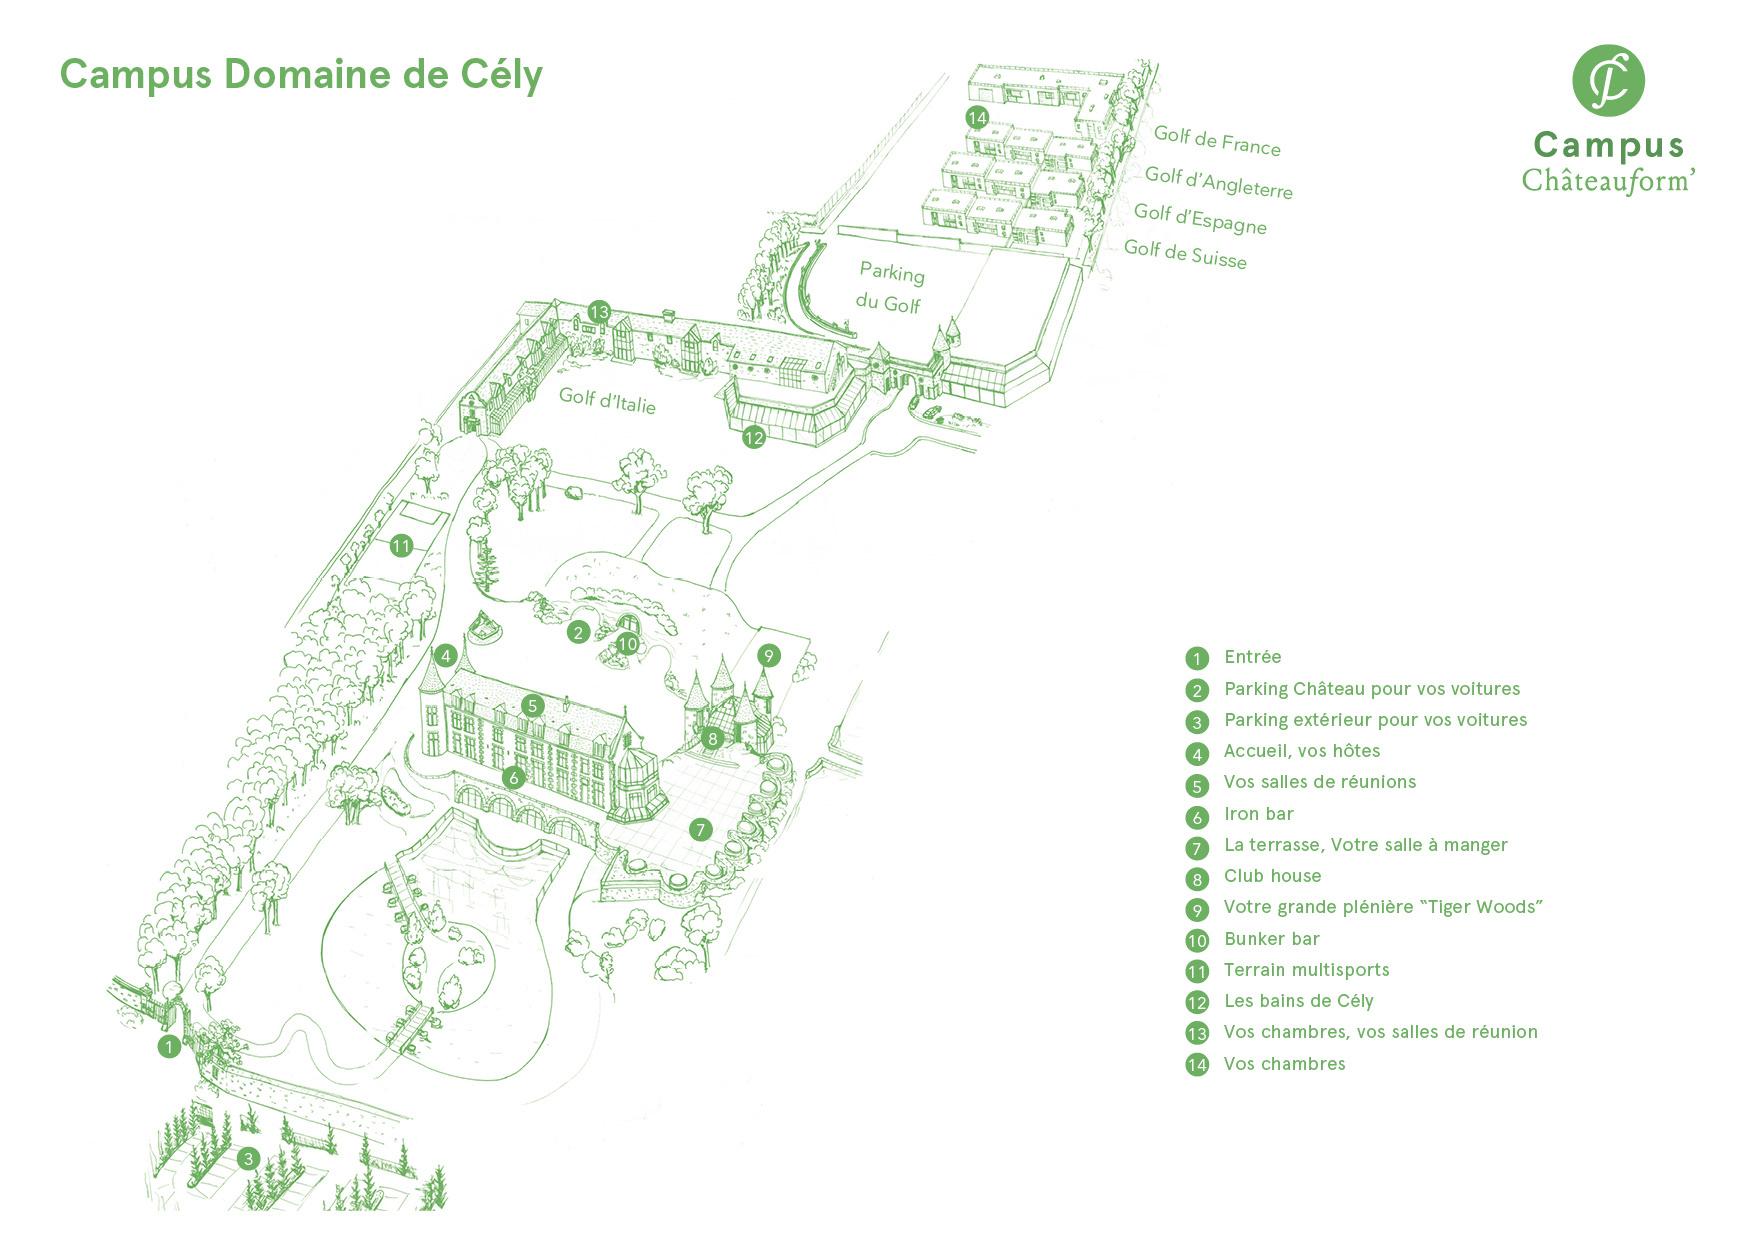 jean-s u00e9bastien valle - ch u00e2teauform campus